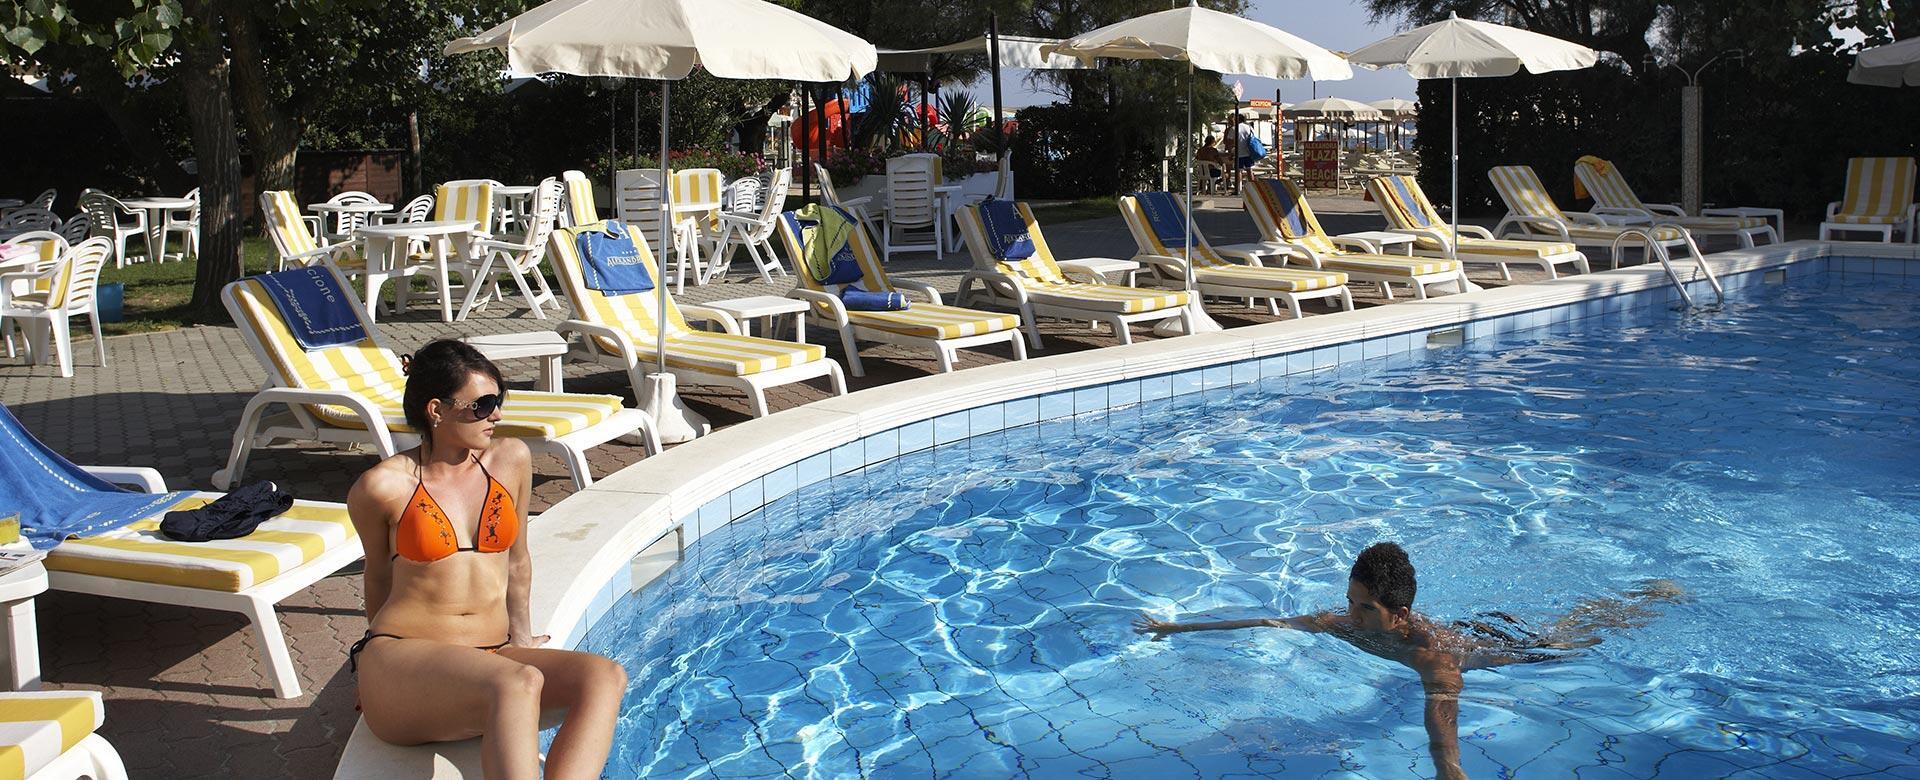 alexandraplaza it vacanze-sul-mare-riccione 004